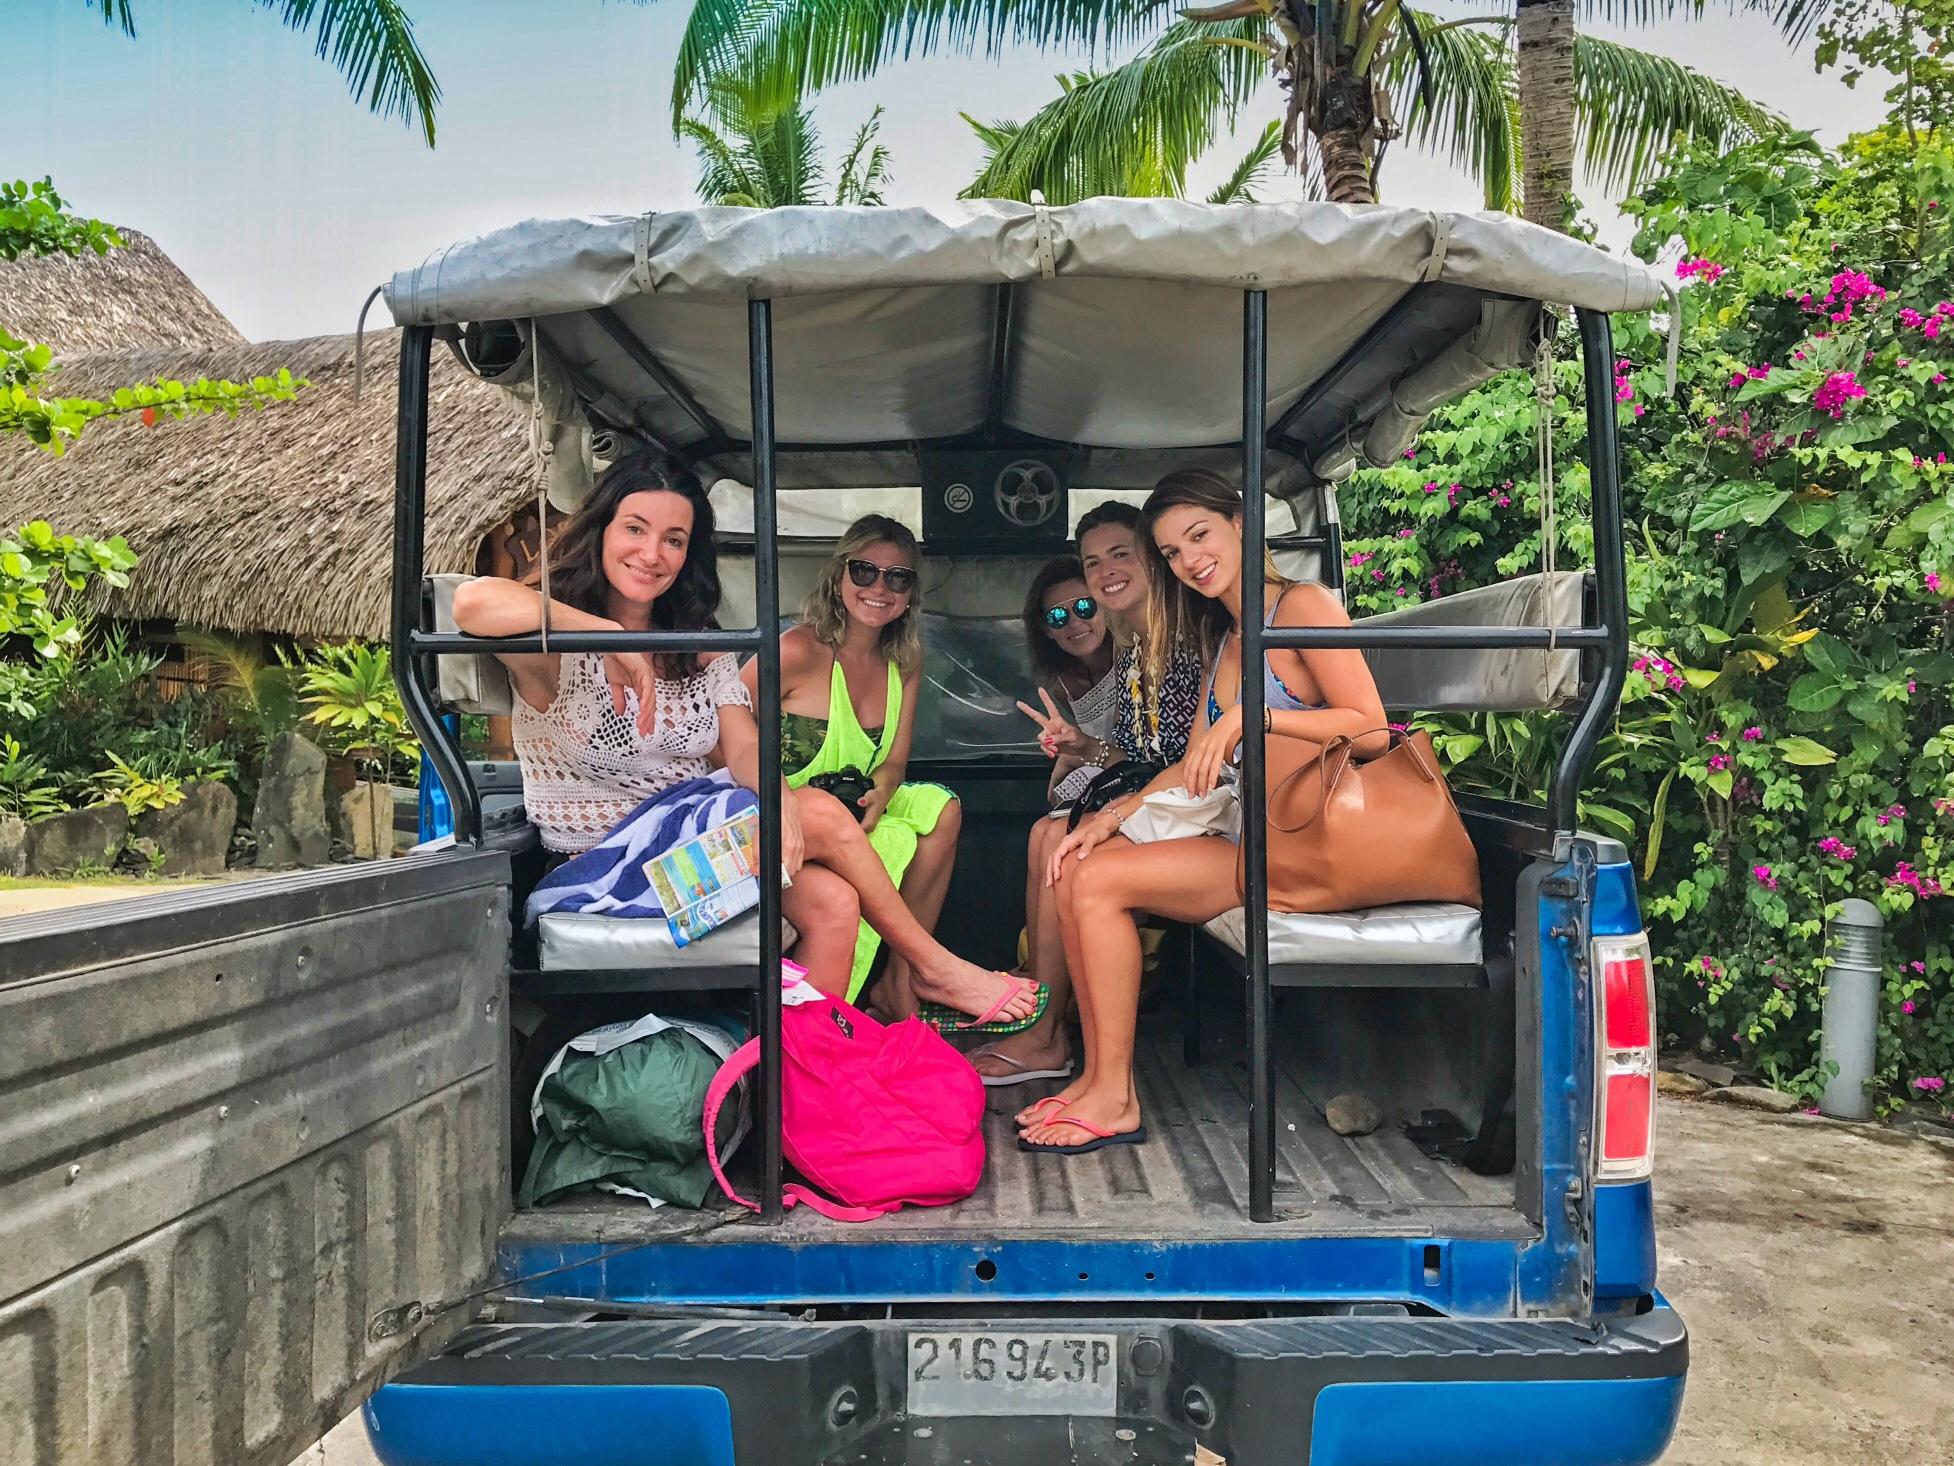 De camionete 4x4, fazendo tour pela ilha de Huahine, com a Poe Island Tour